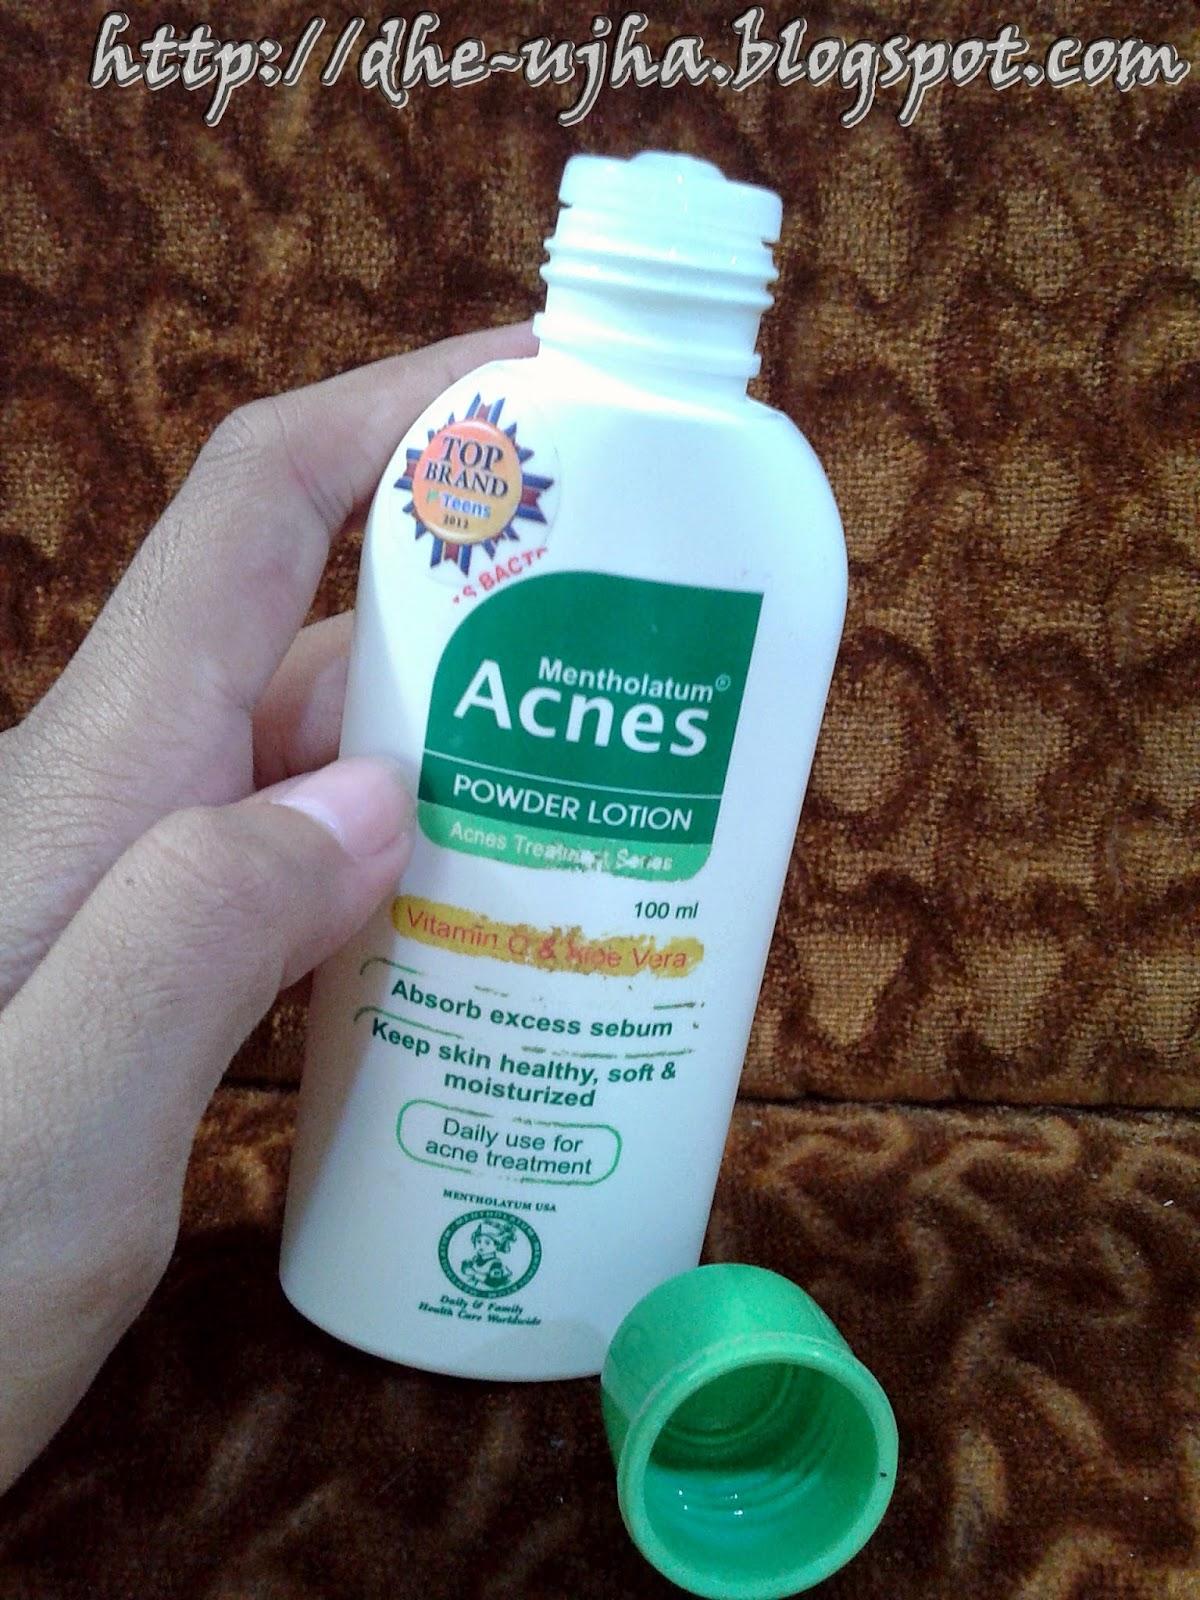 penampakan acnes powder lotion setelah tutupnya dibuka